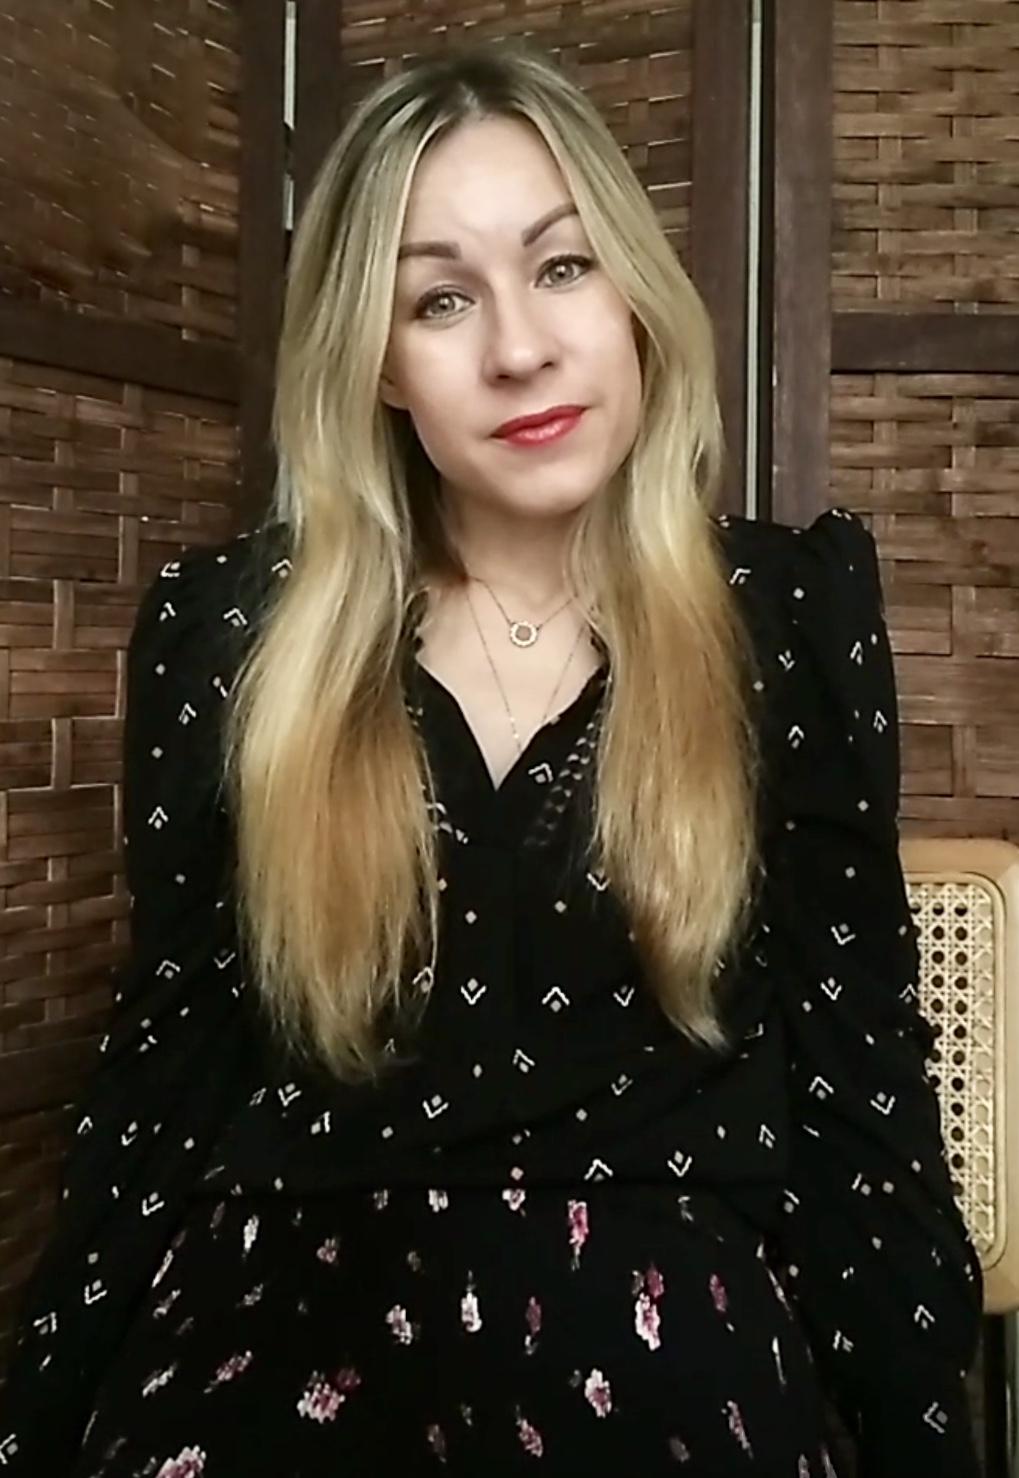 Sarah Steffens